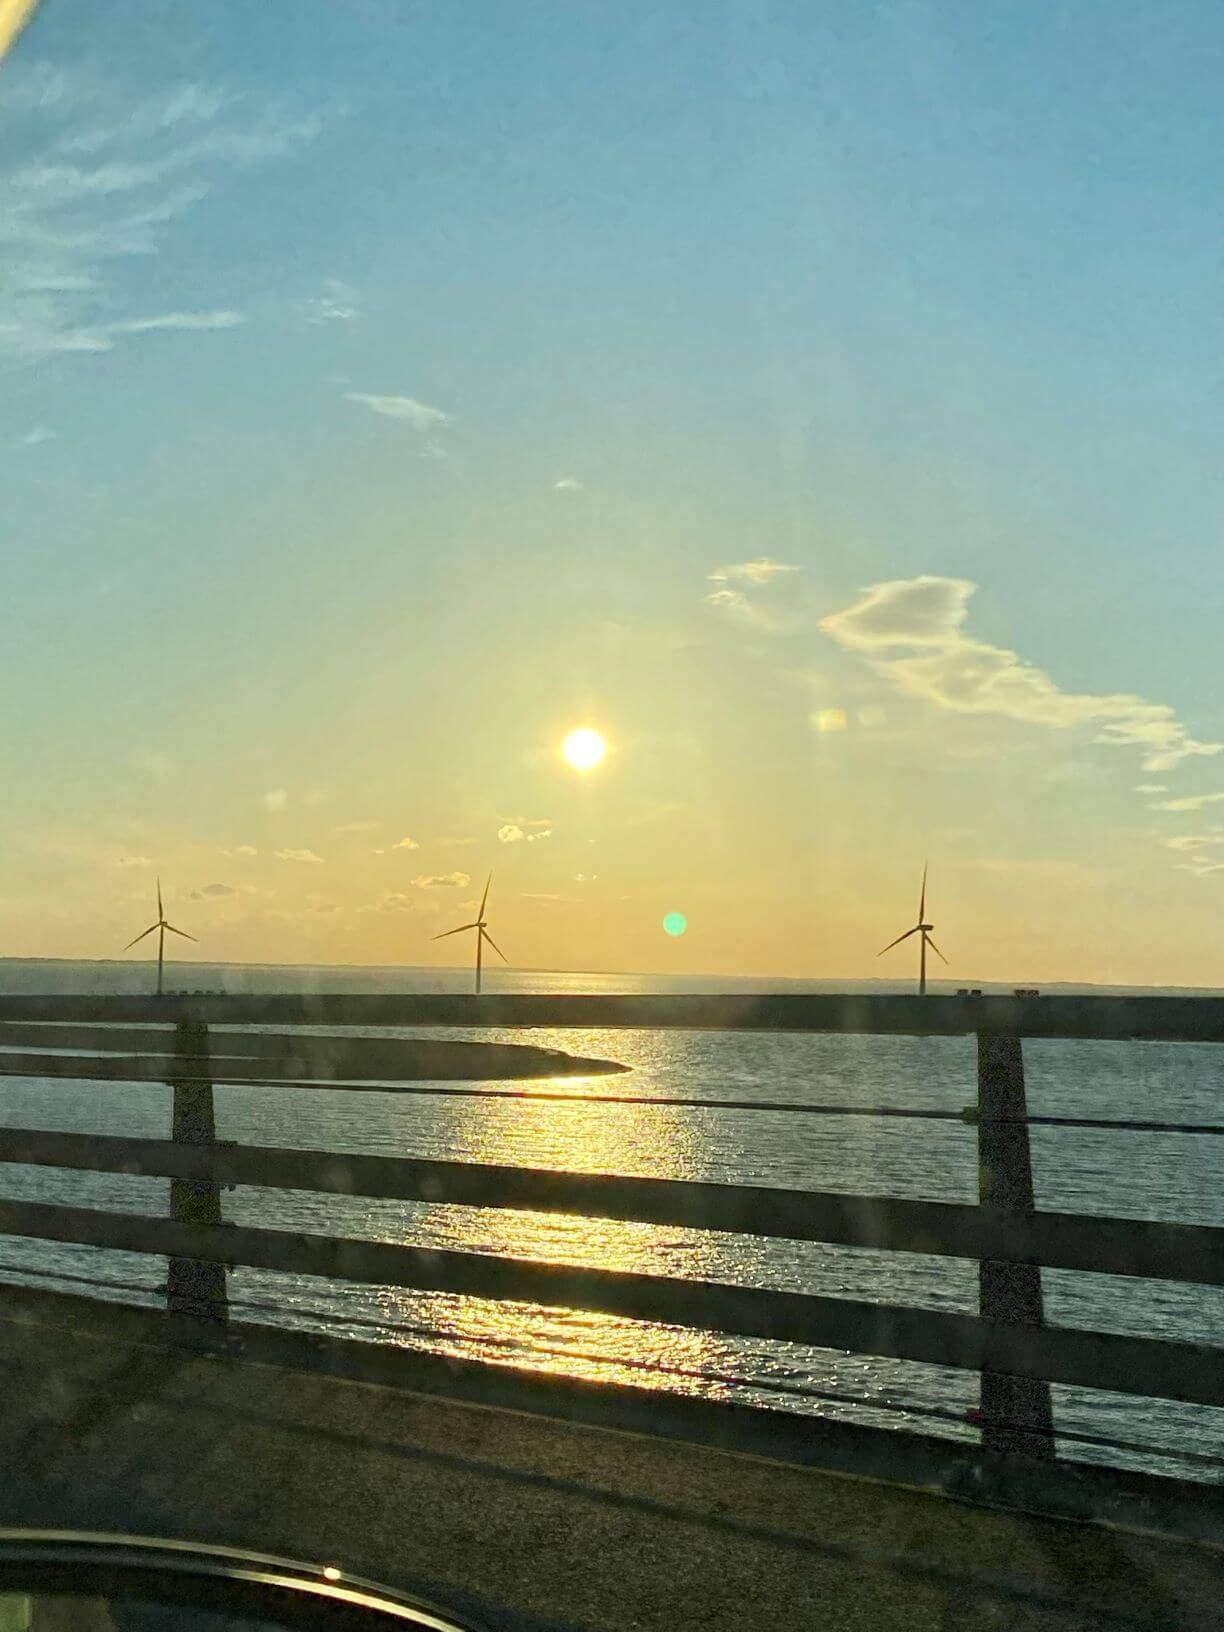 Solnedgang over Storebælt